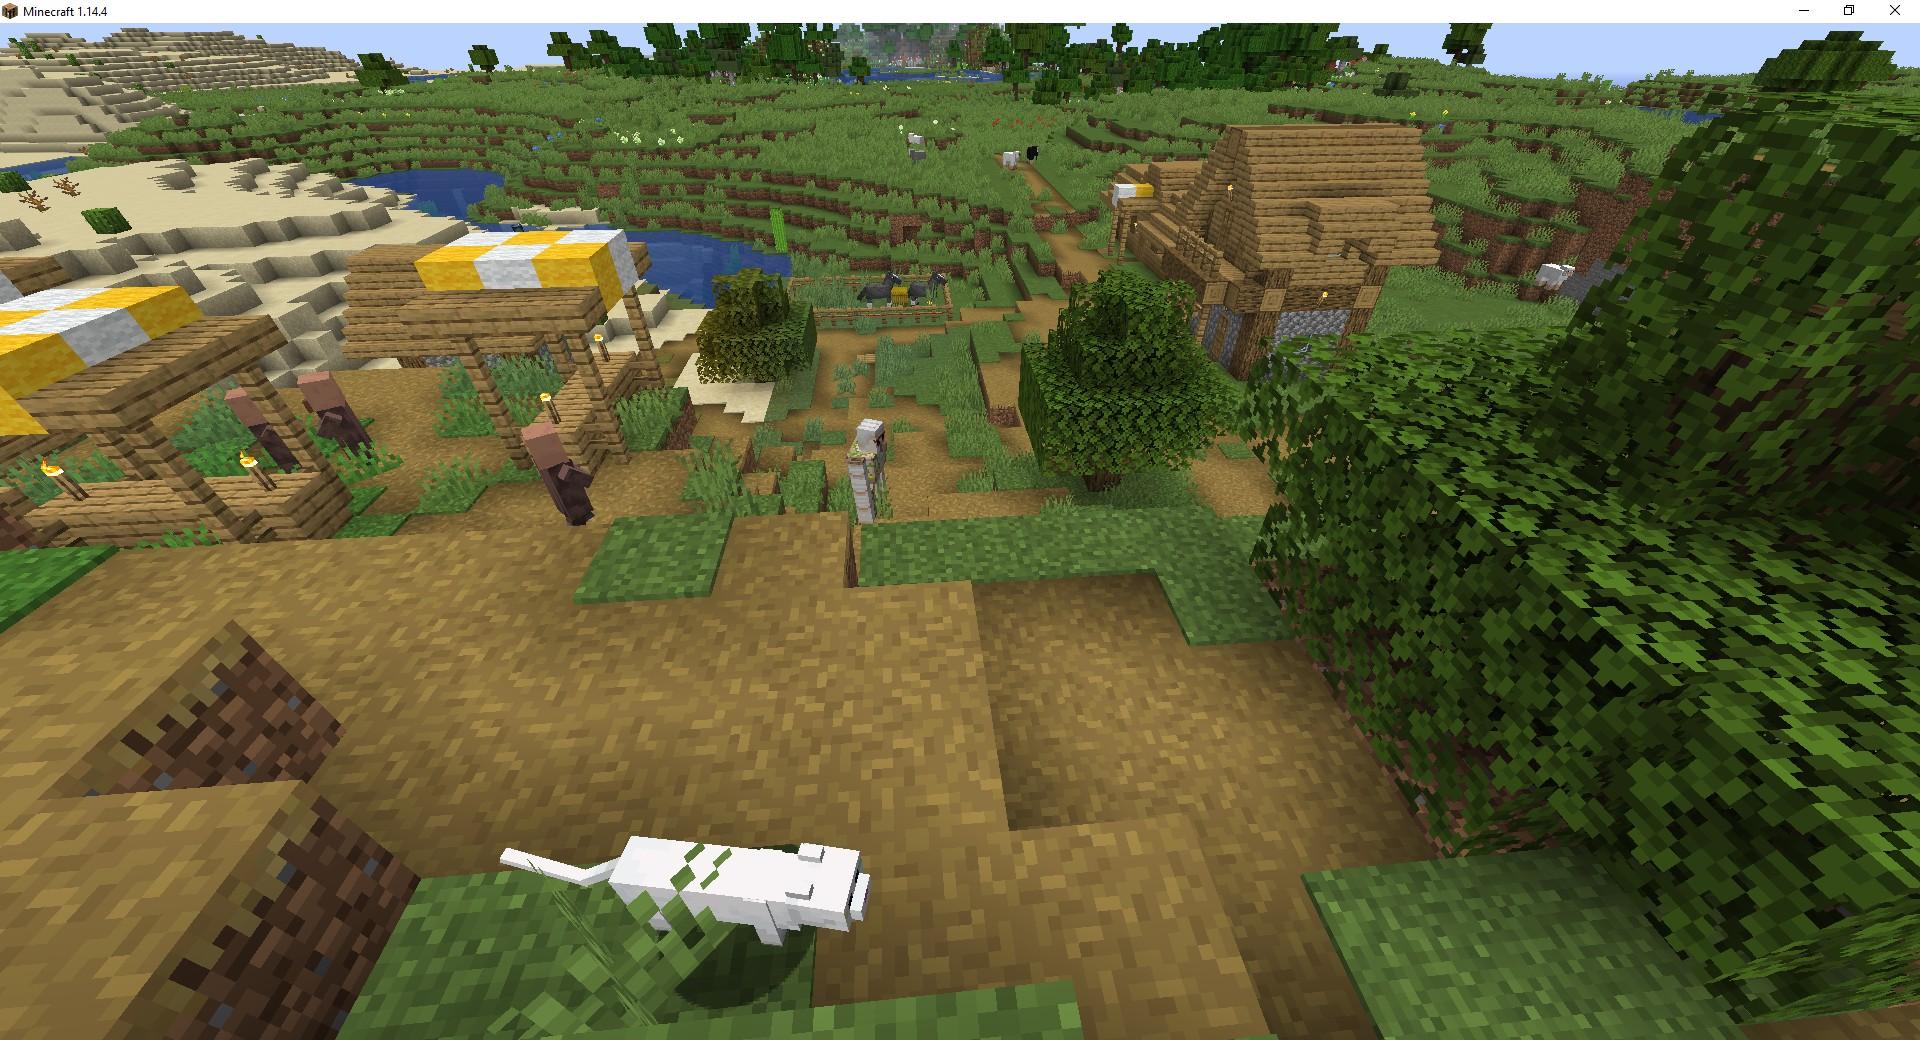 как создать новый мир с деревней в майнкрафте #11